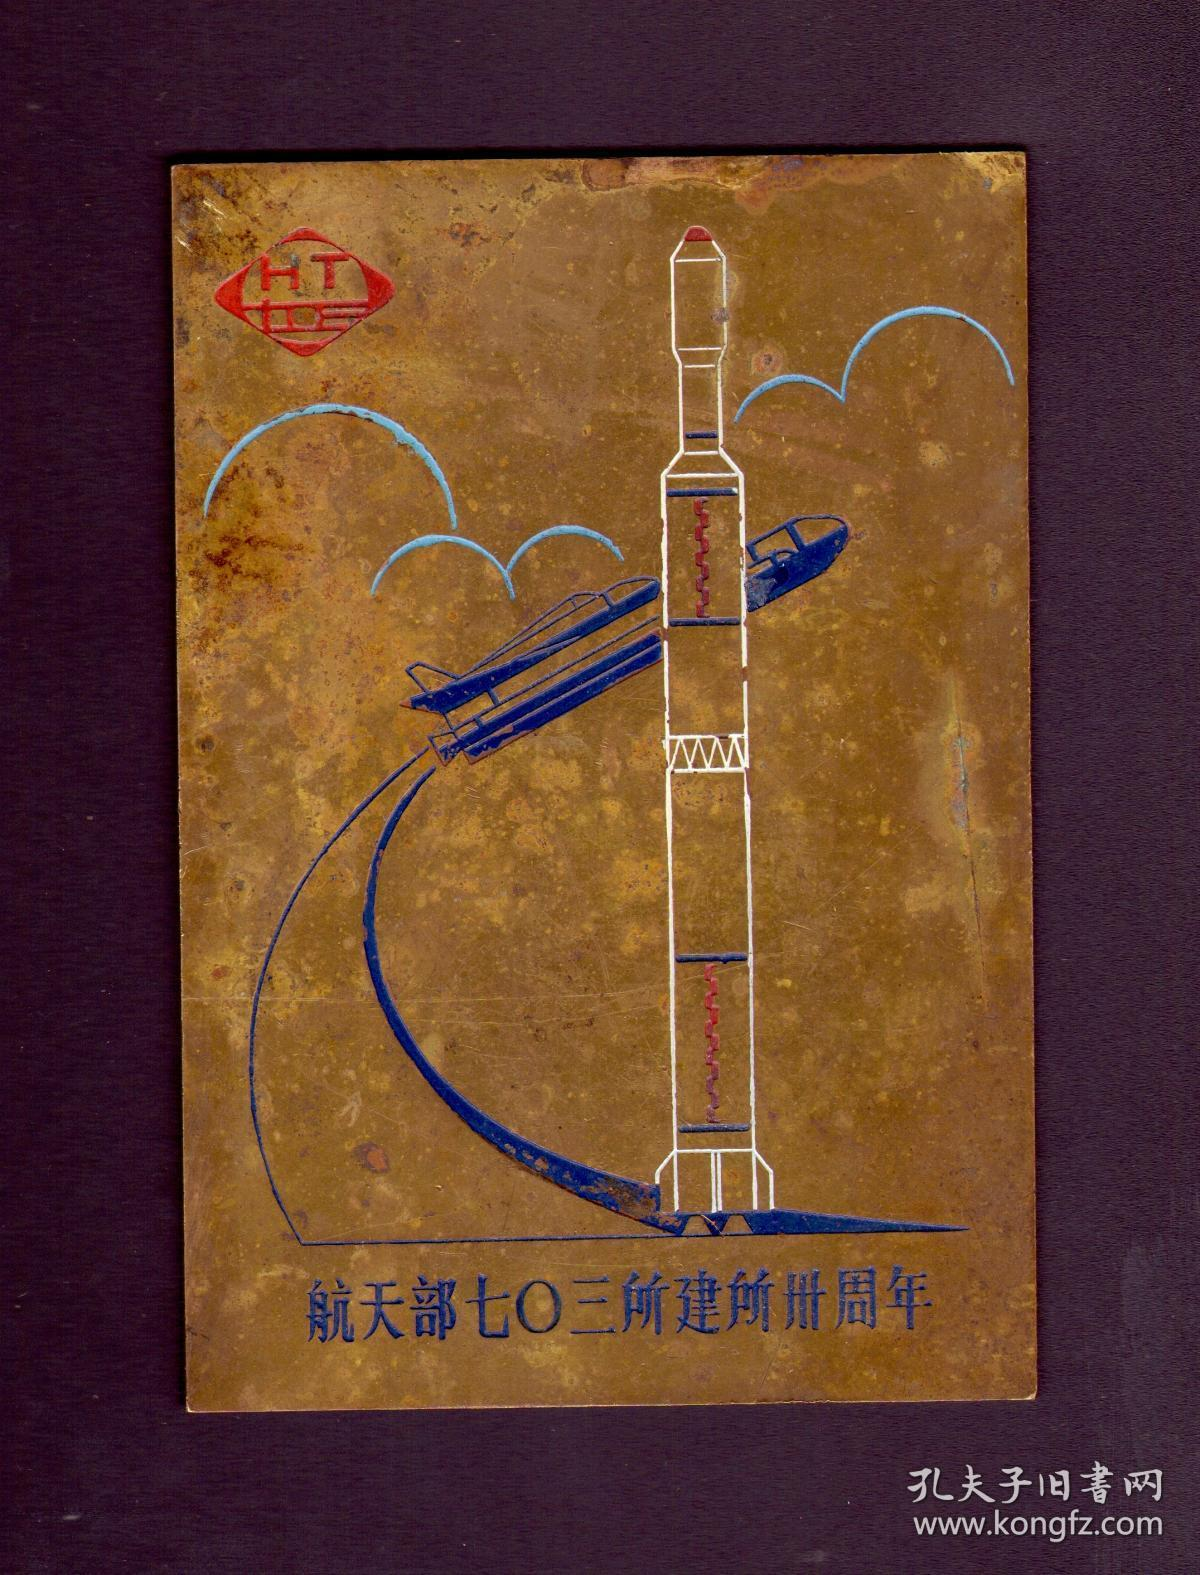 北京航天部七0三所建所三十周年大铜牌